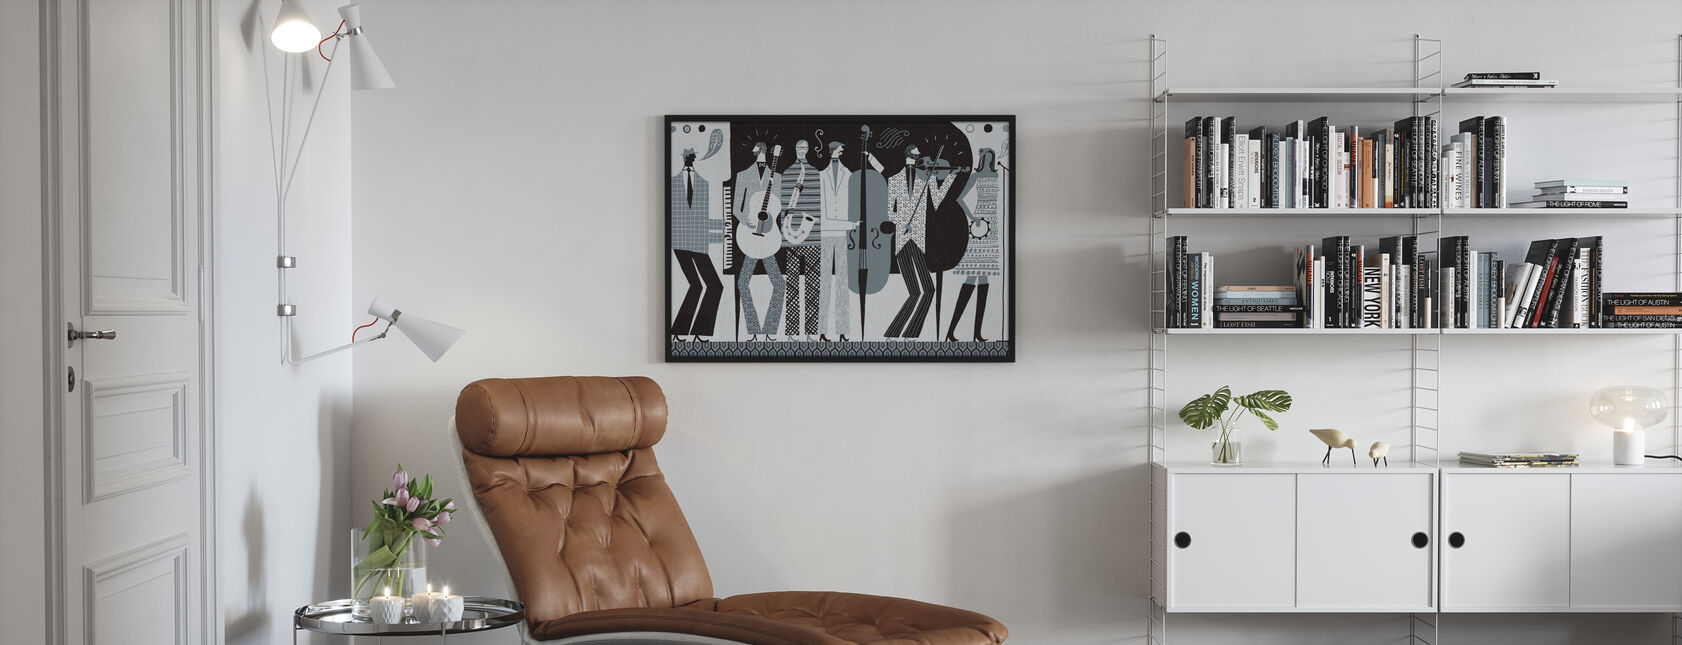 Bandet svart och vitt - Poster - Vardagsrum